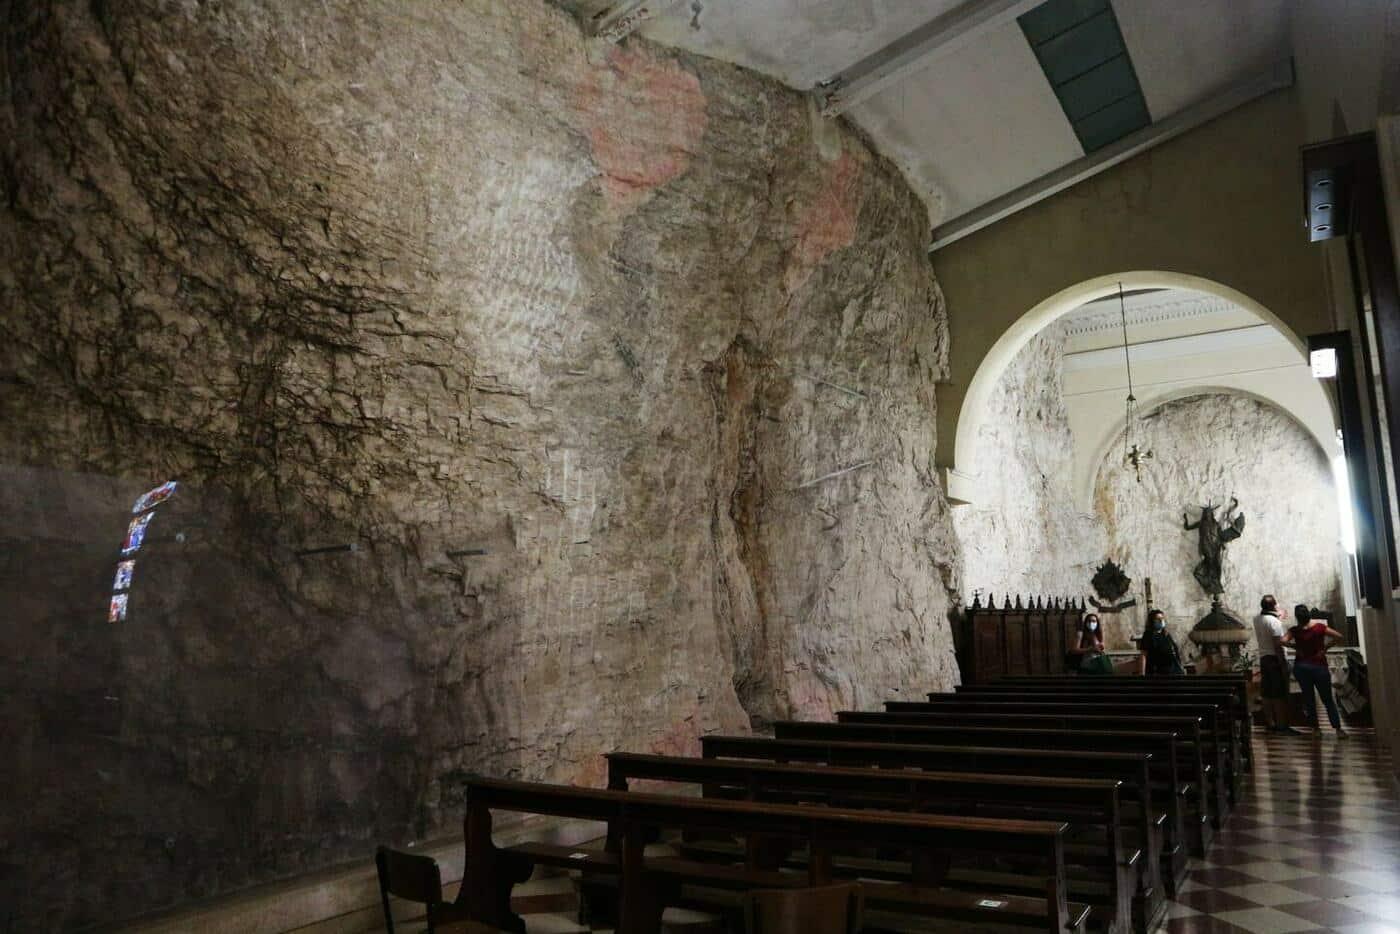 12コロナ教会_イタリアの断崖絶壁に建設された神秘的な世界